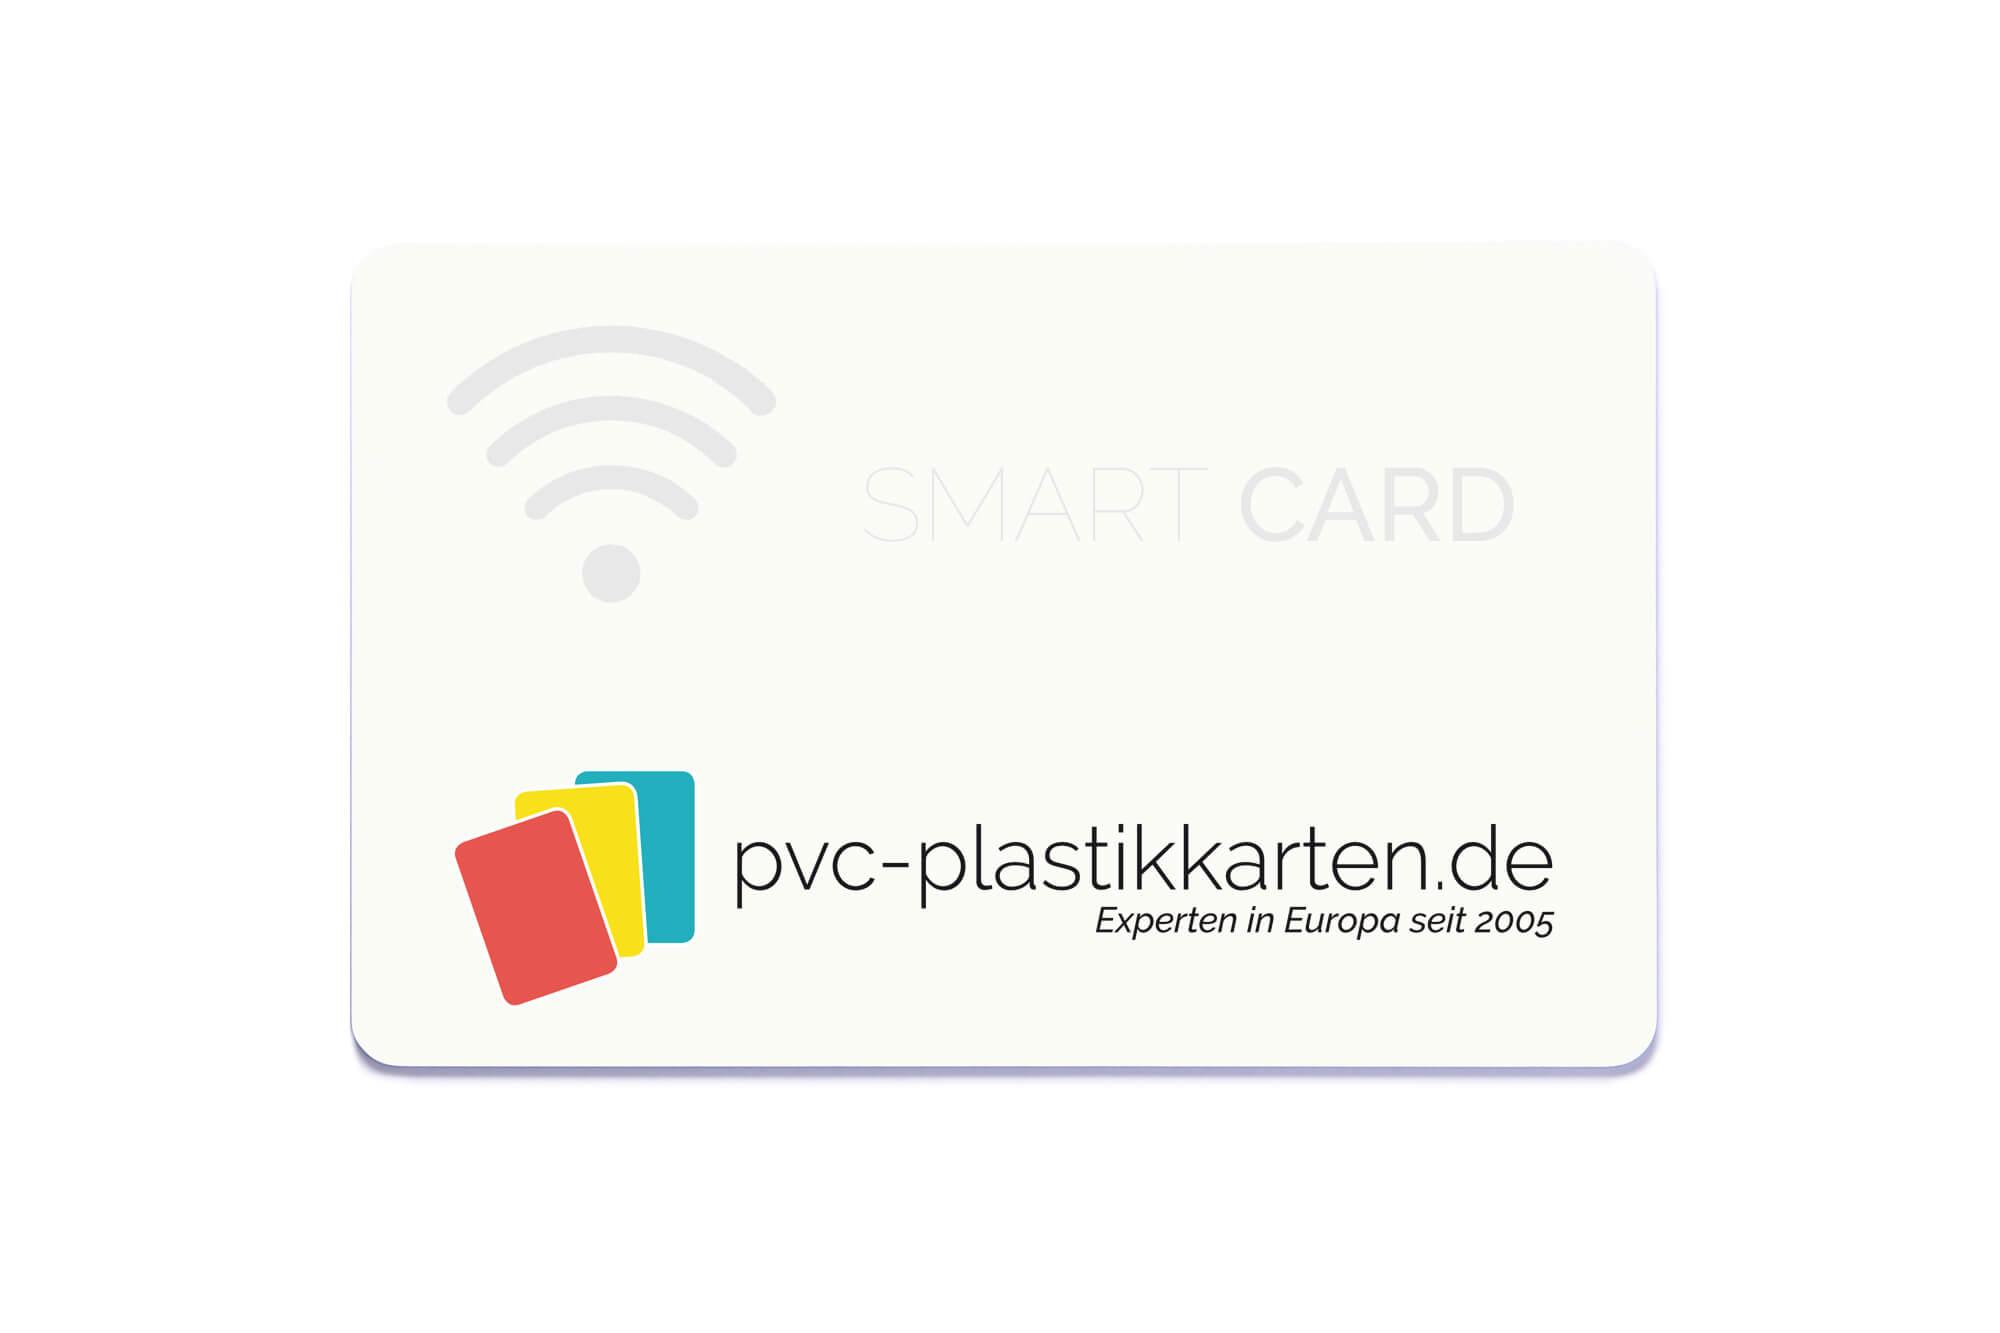 RFID-Card von PVC-Plastikkarten